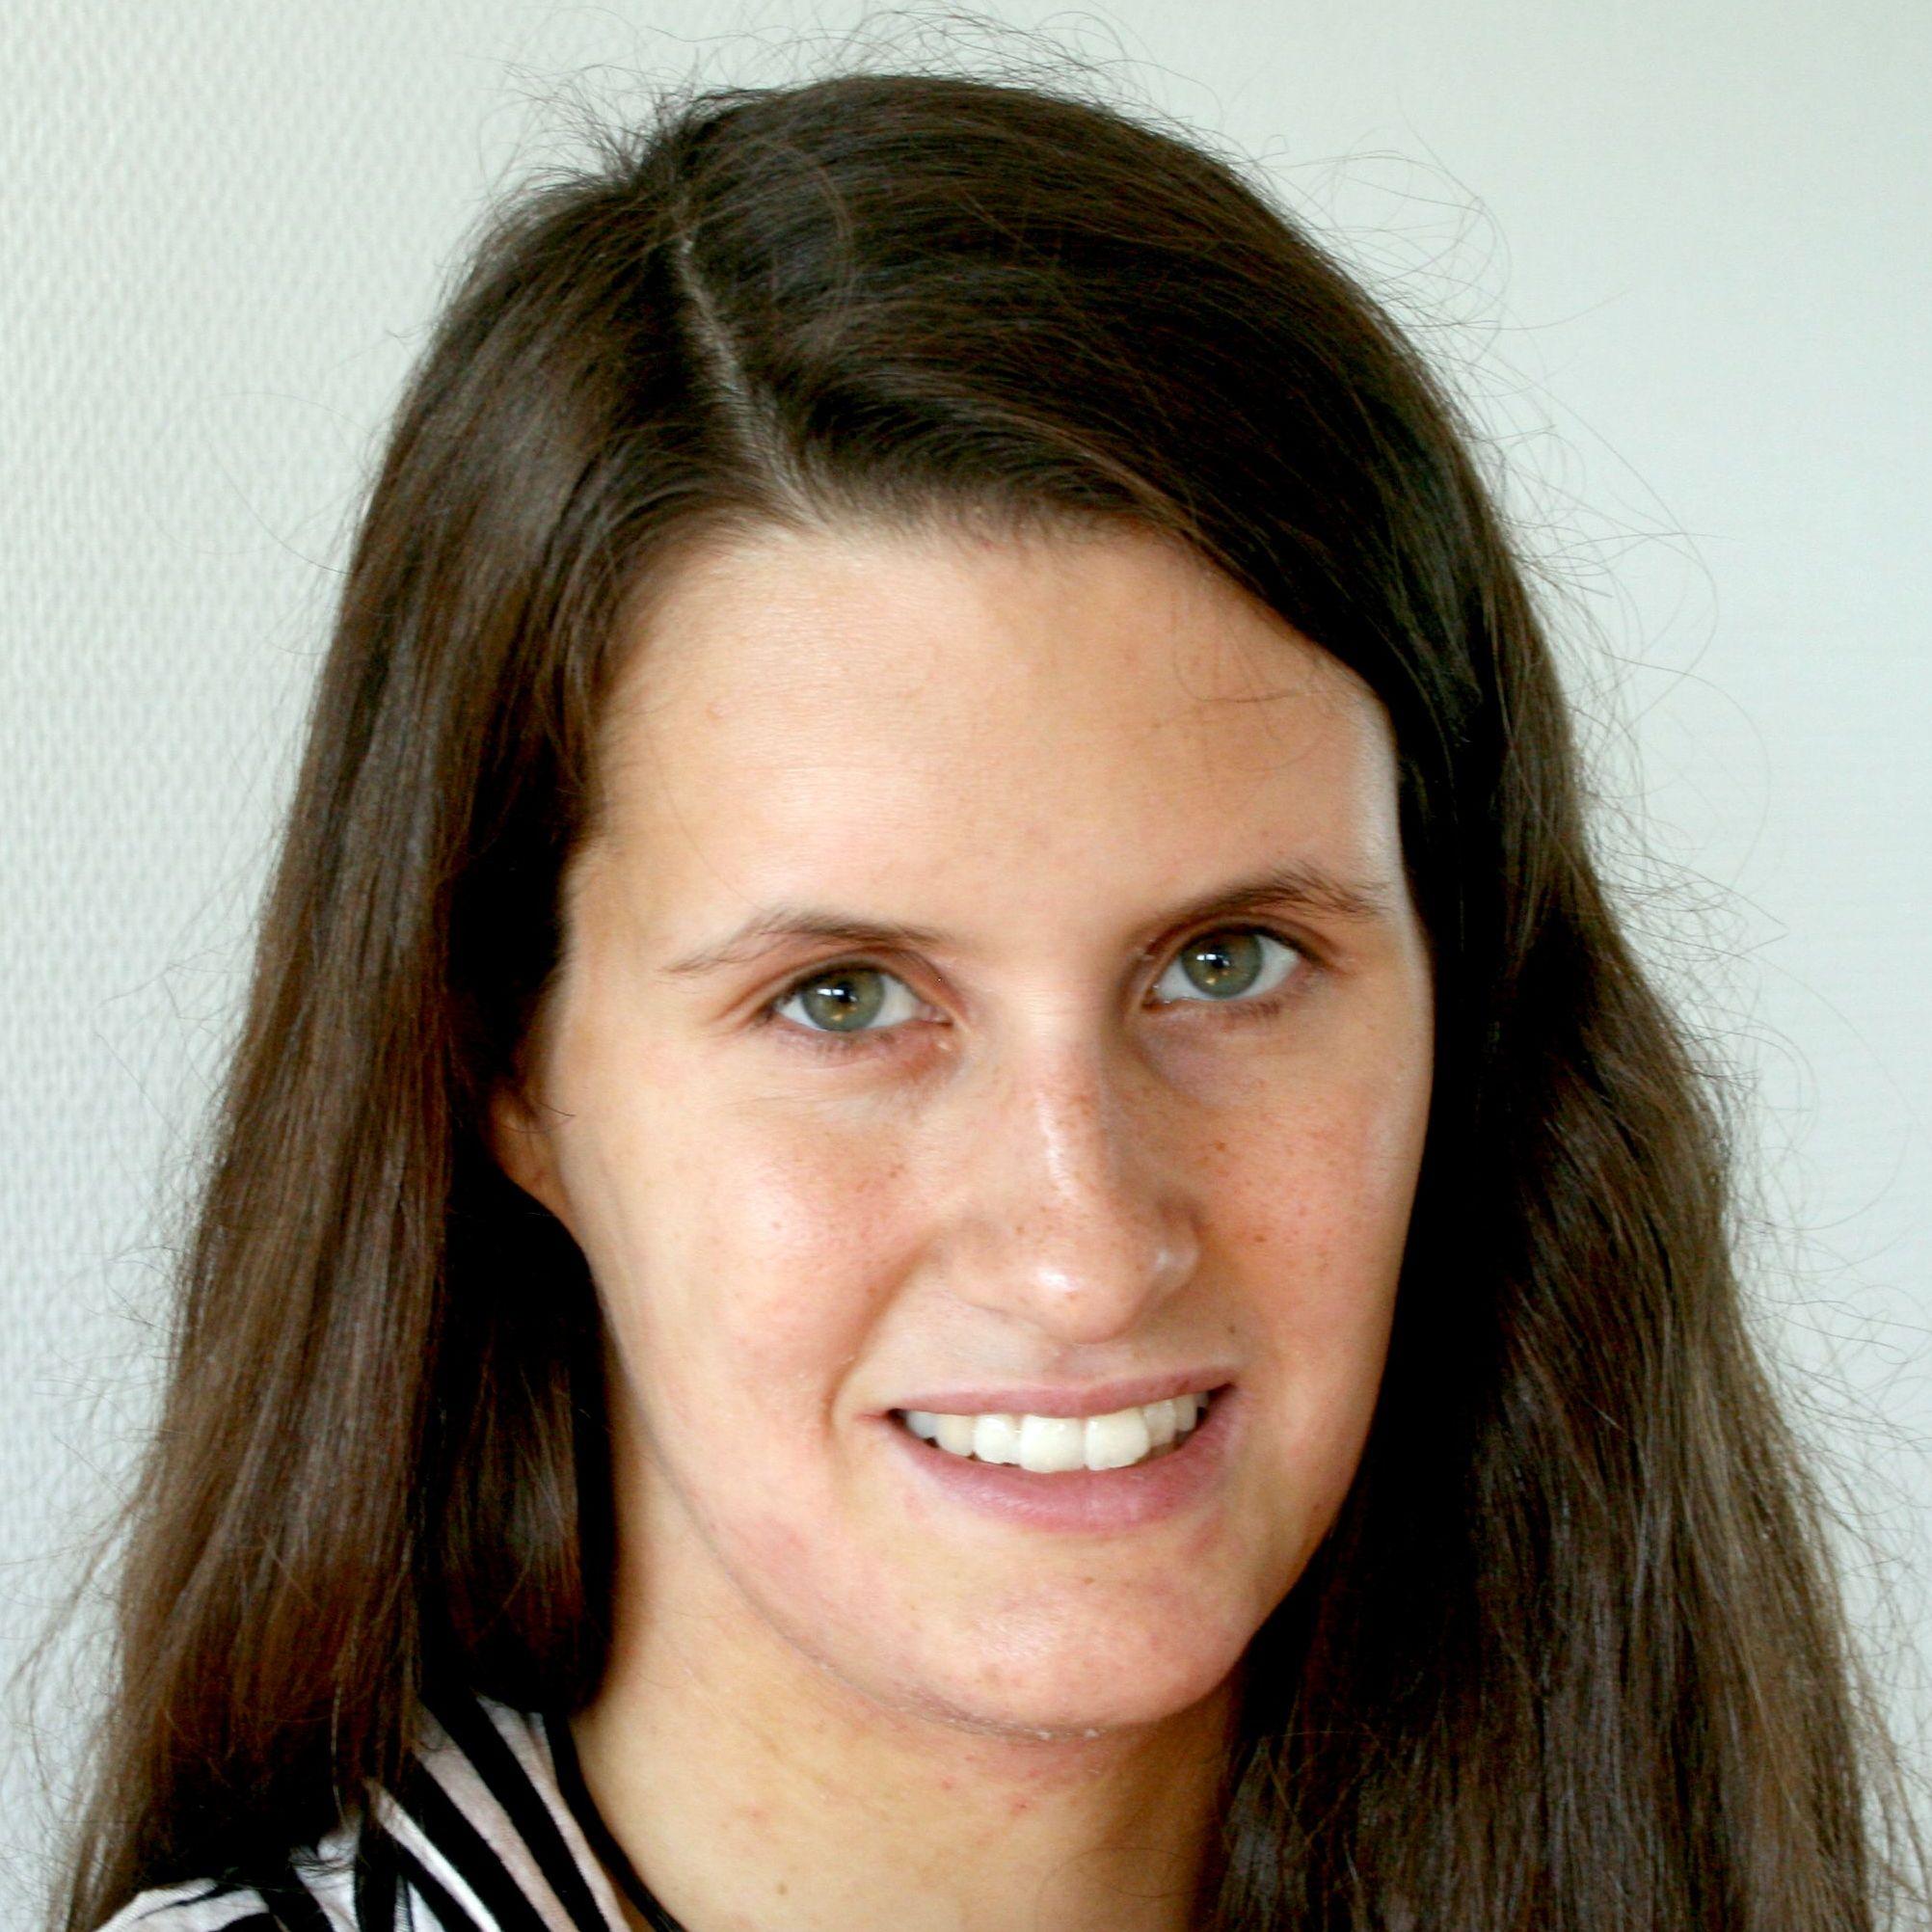 Vanessa Rehermann